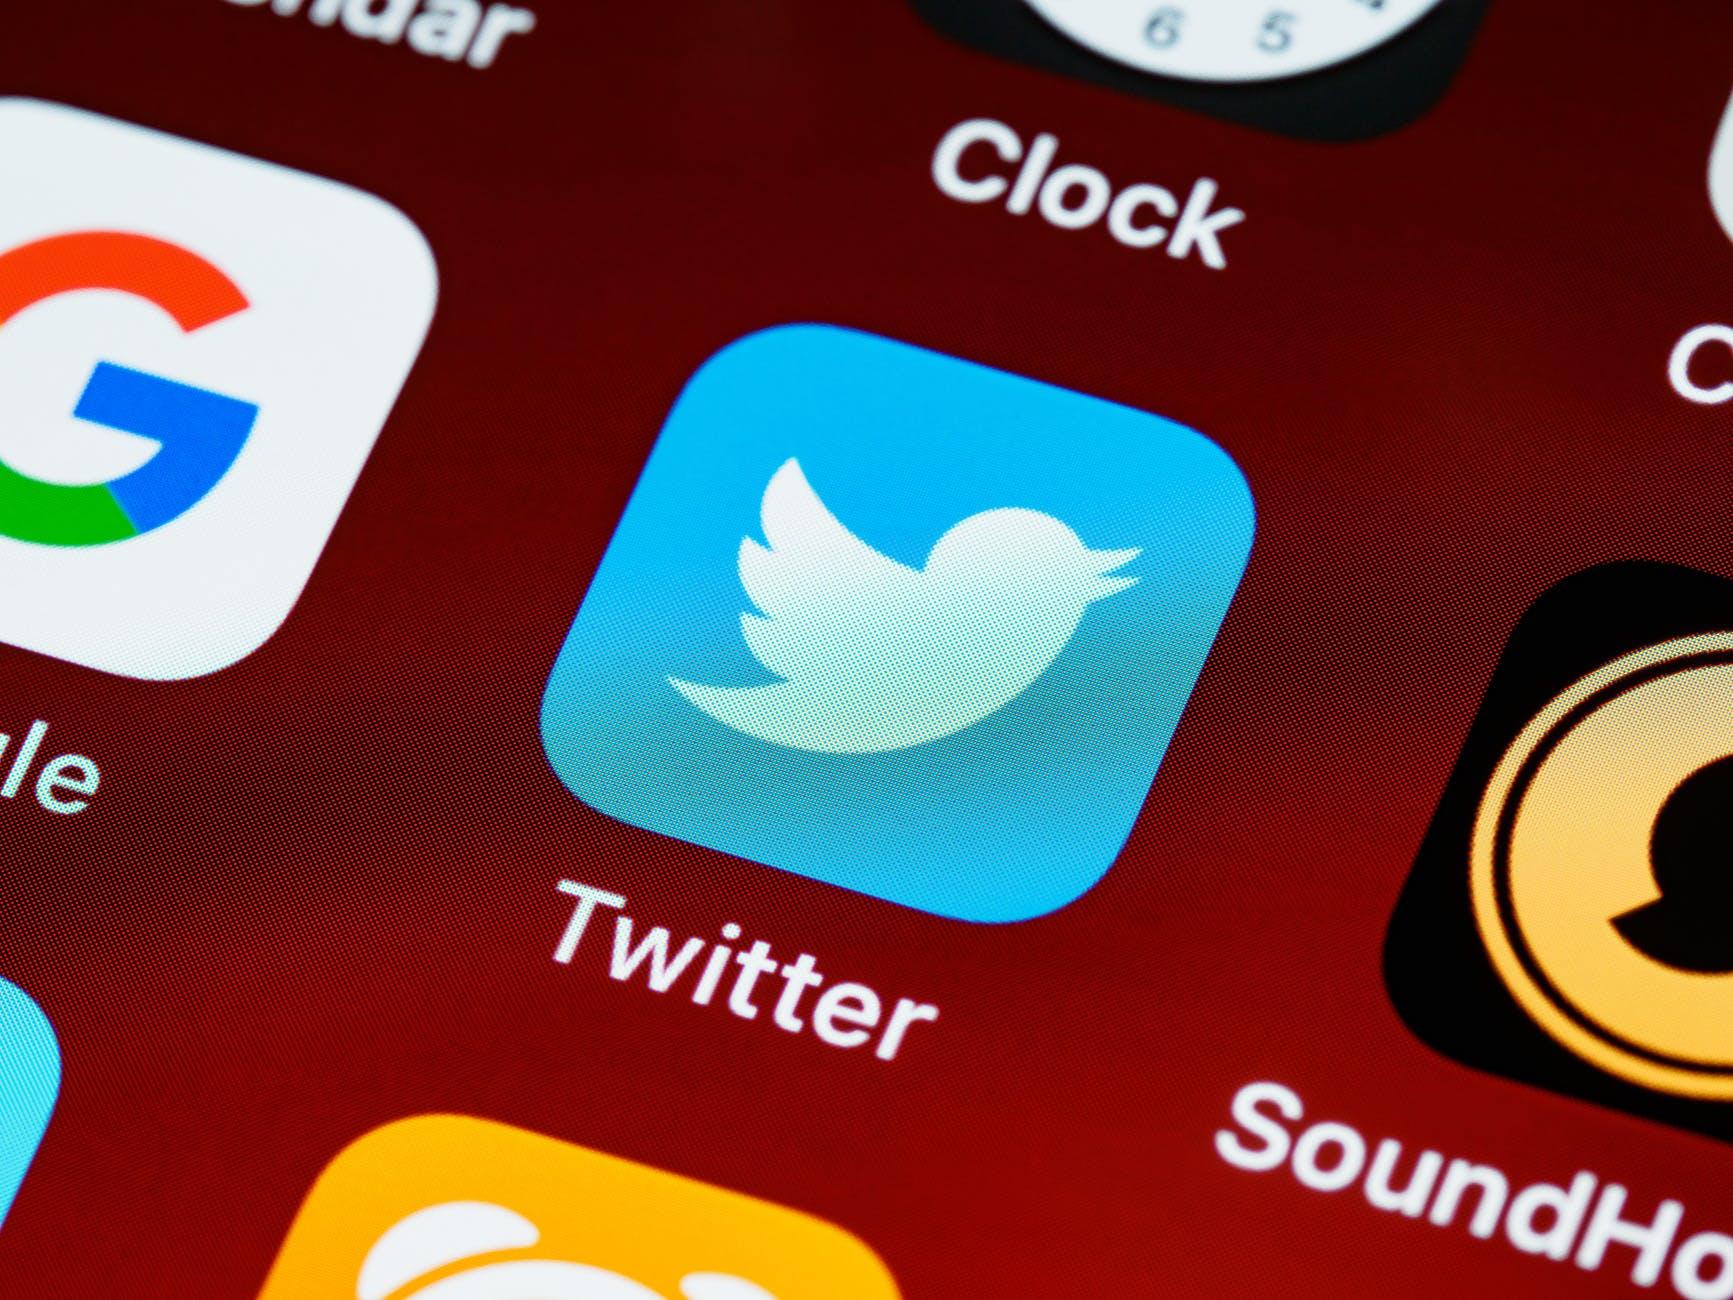 Как набрать больше подписчиков в Twitter?